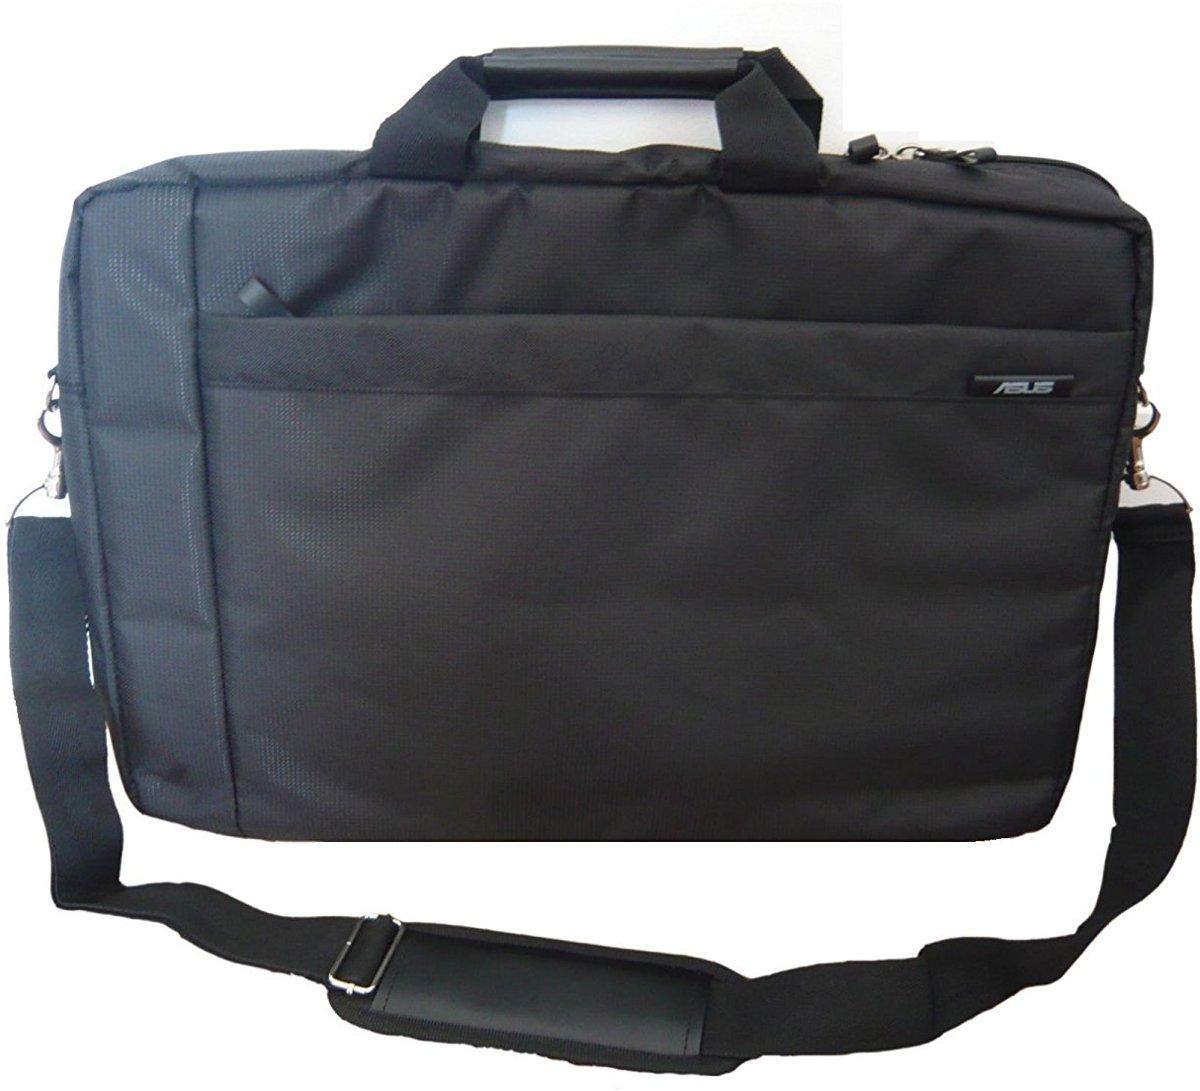 e7388835760 bol.com   Asus 17 inch laptoptas tas 17